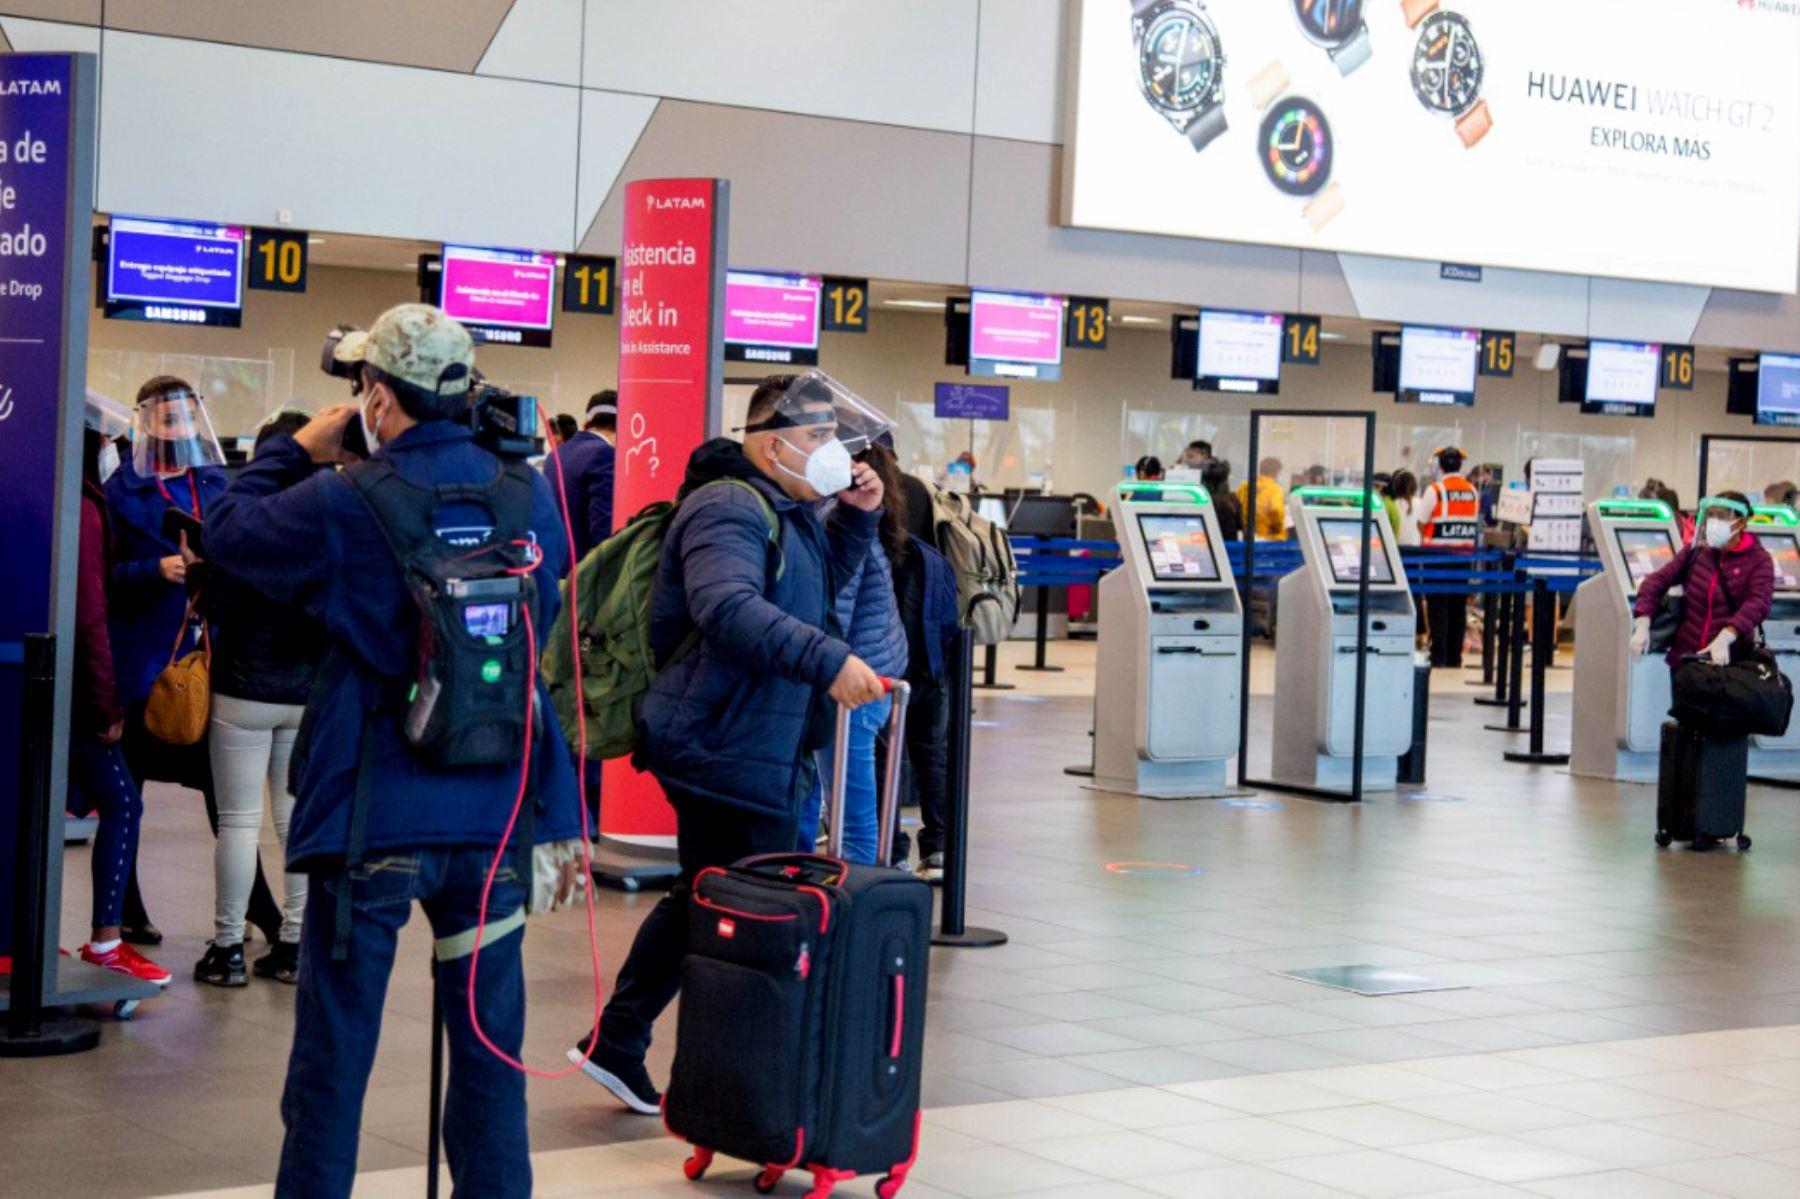 Dos médicos explican cómo debe hacer la cuarentena quiénes lleguen de viaje al país. Foto: ANDINA/Difusión